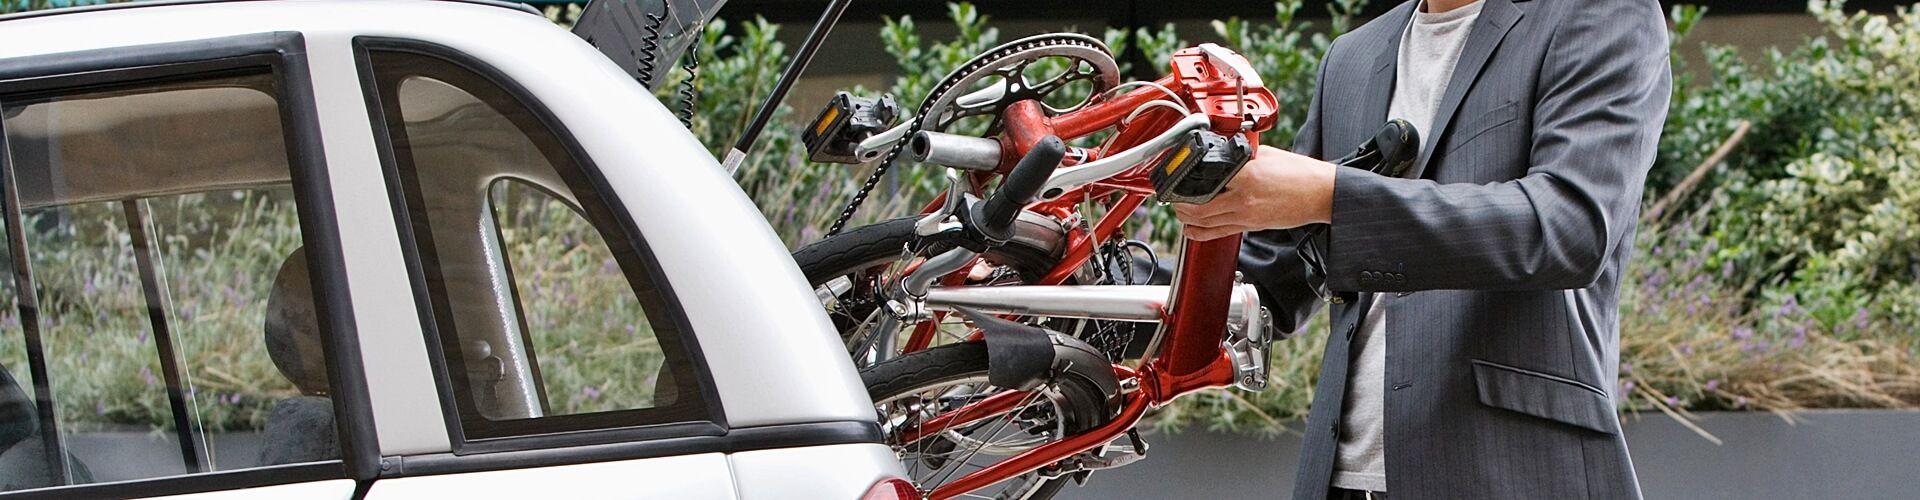 sujetar-bici-coche